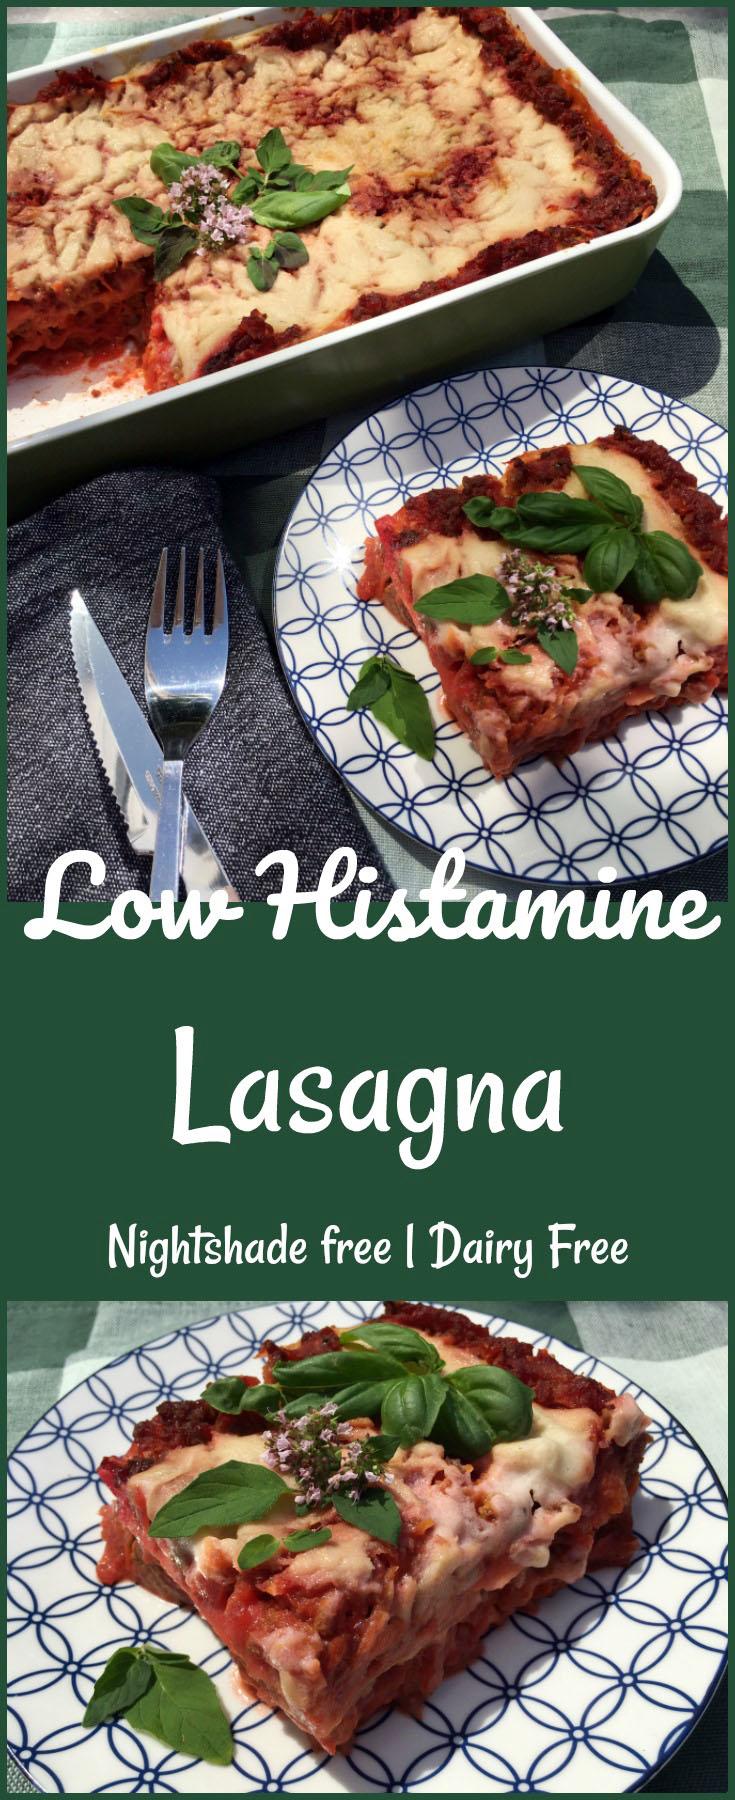 Low Histamine Lasagna - Nightshade Free | Dairy Free \o/ Pin Me!